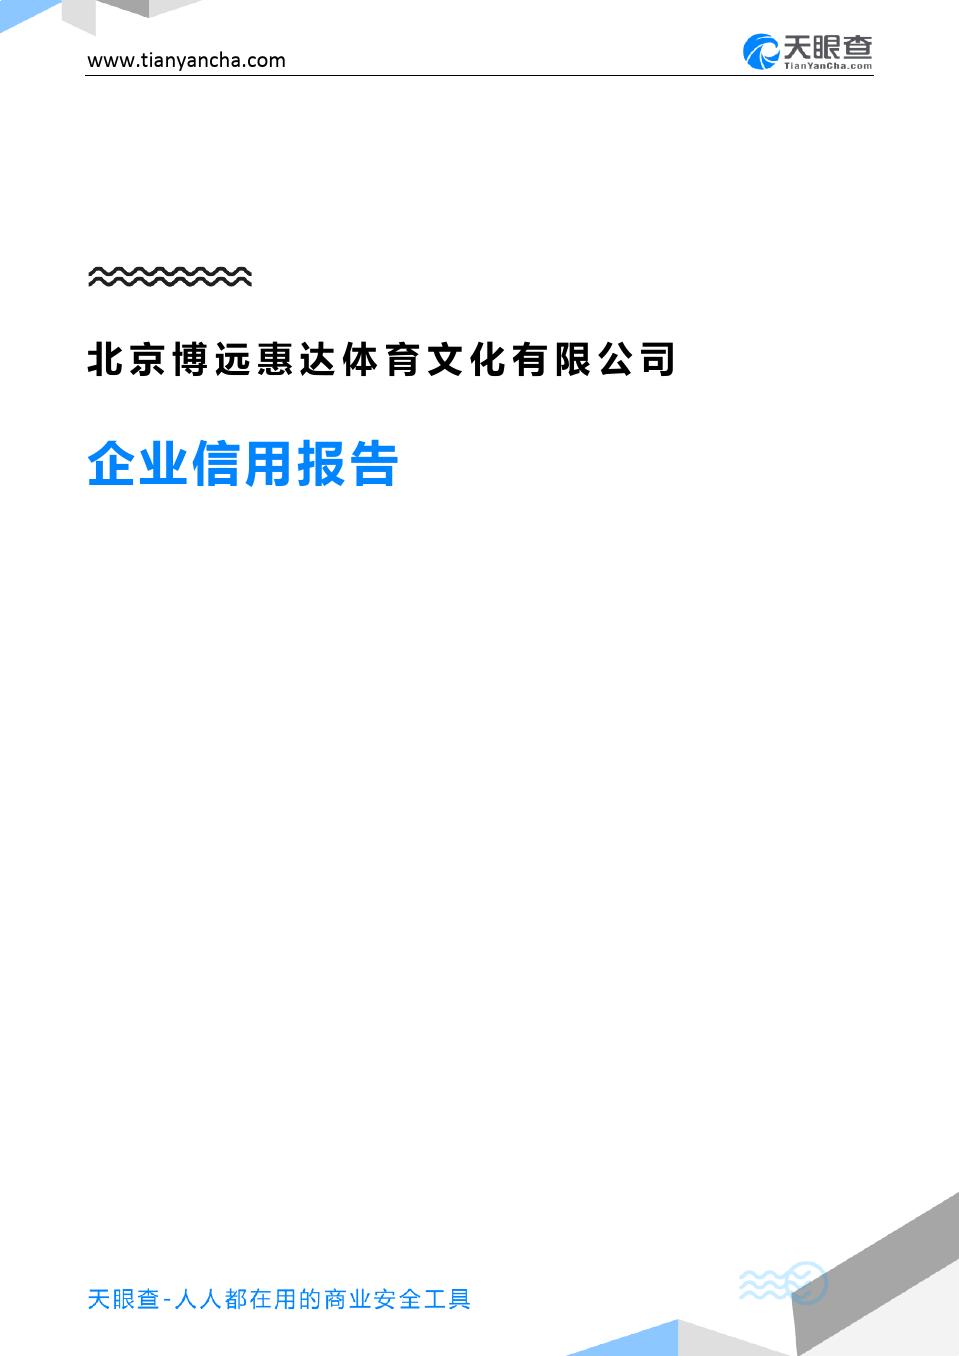 北京博远惠达体育文化有限公司(企业信用报告)- 天眼查